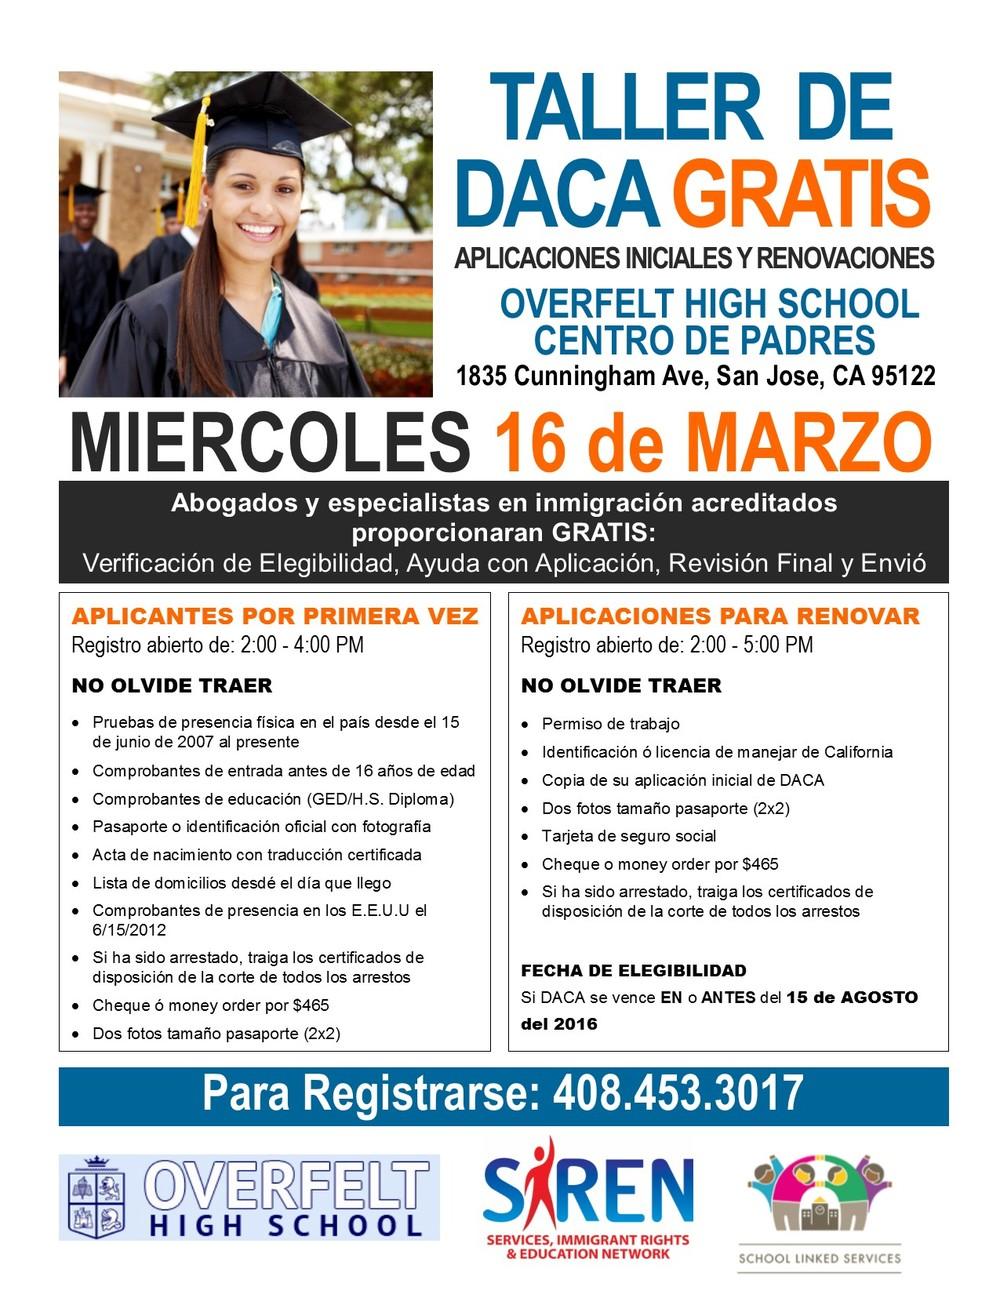 Spanish PDF Flyer